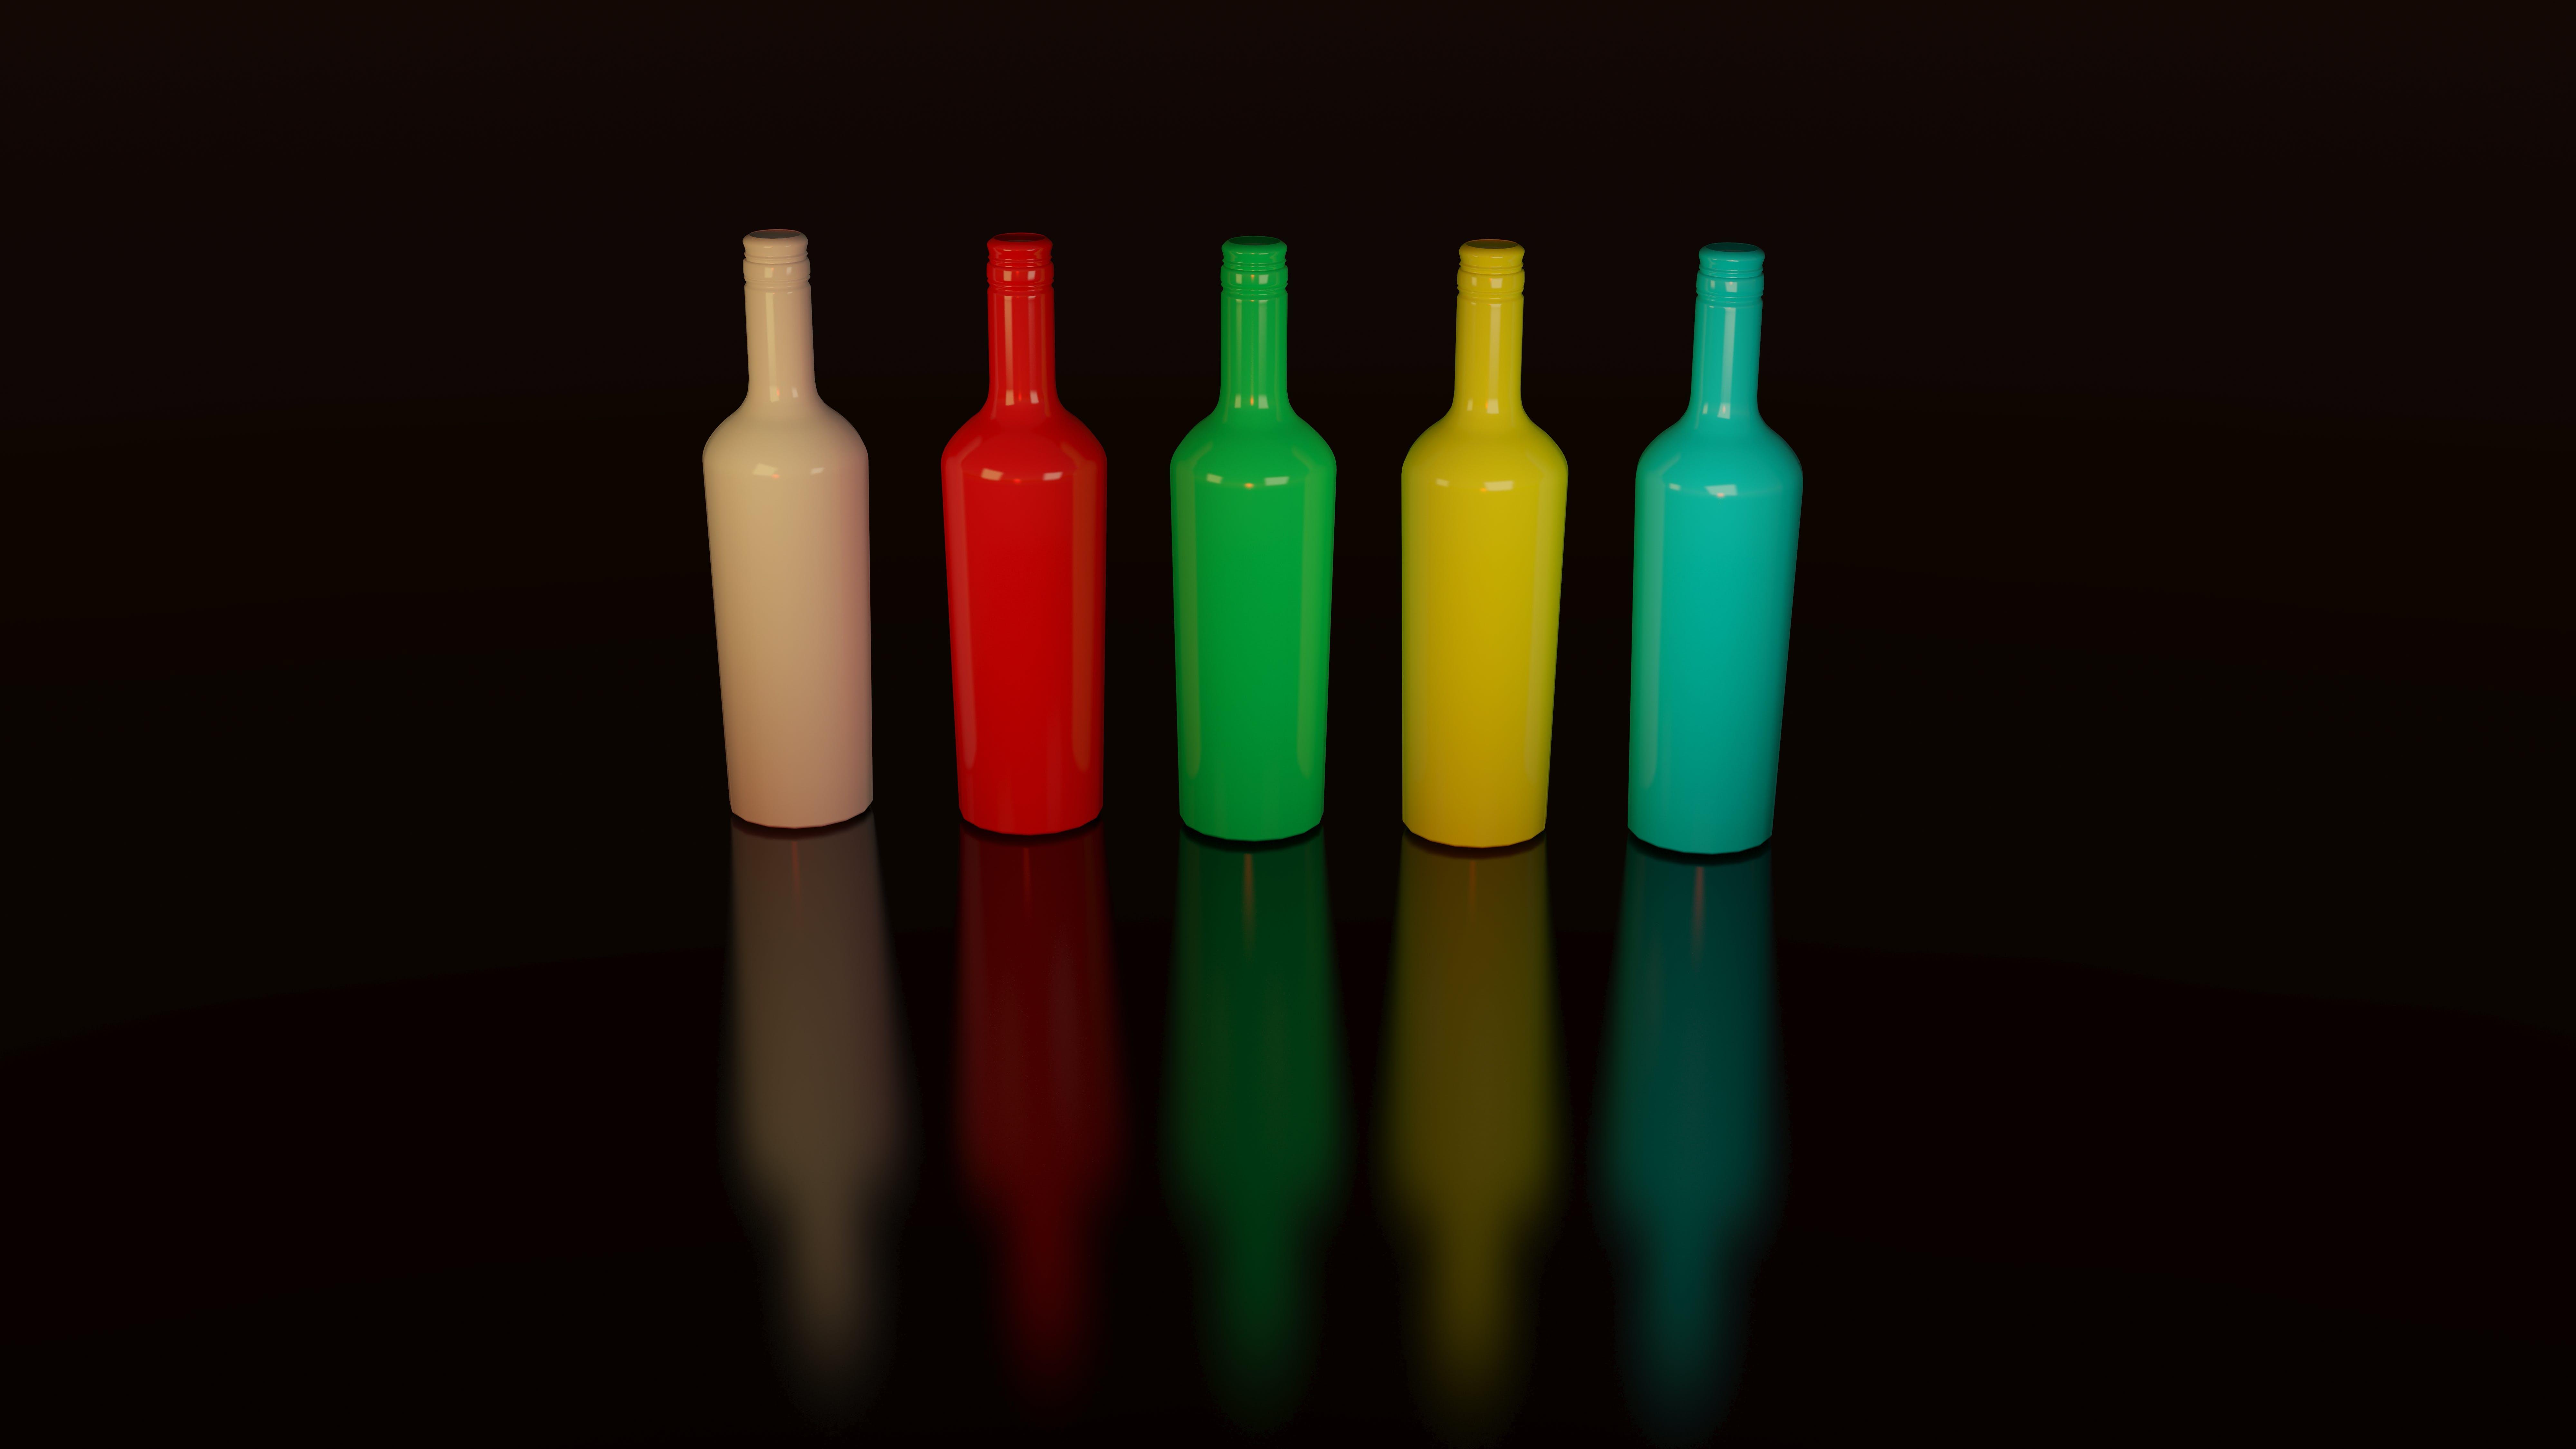 Kostenloses Stock Foto zu kunst, flaschen, bunt, reflektierung